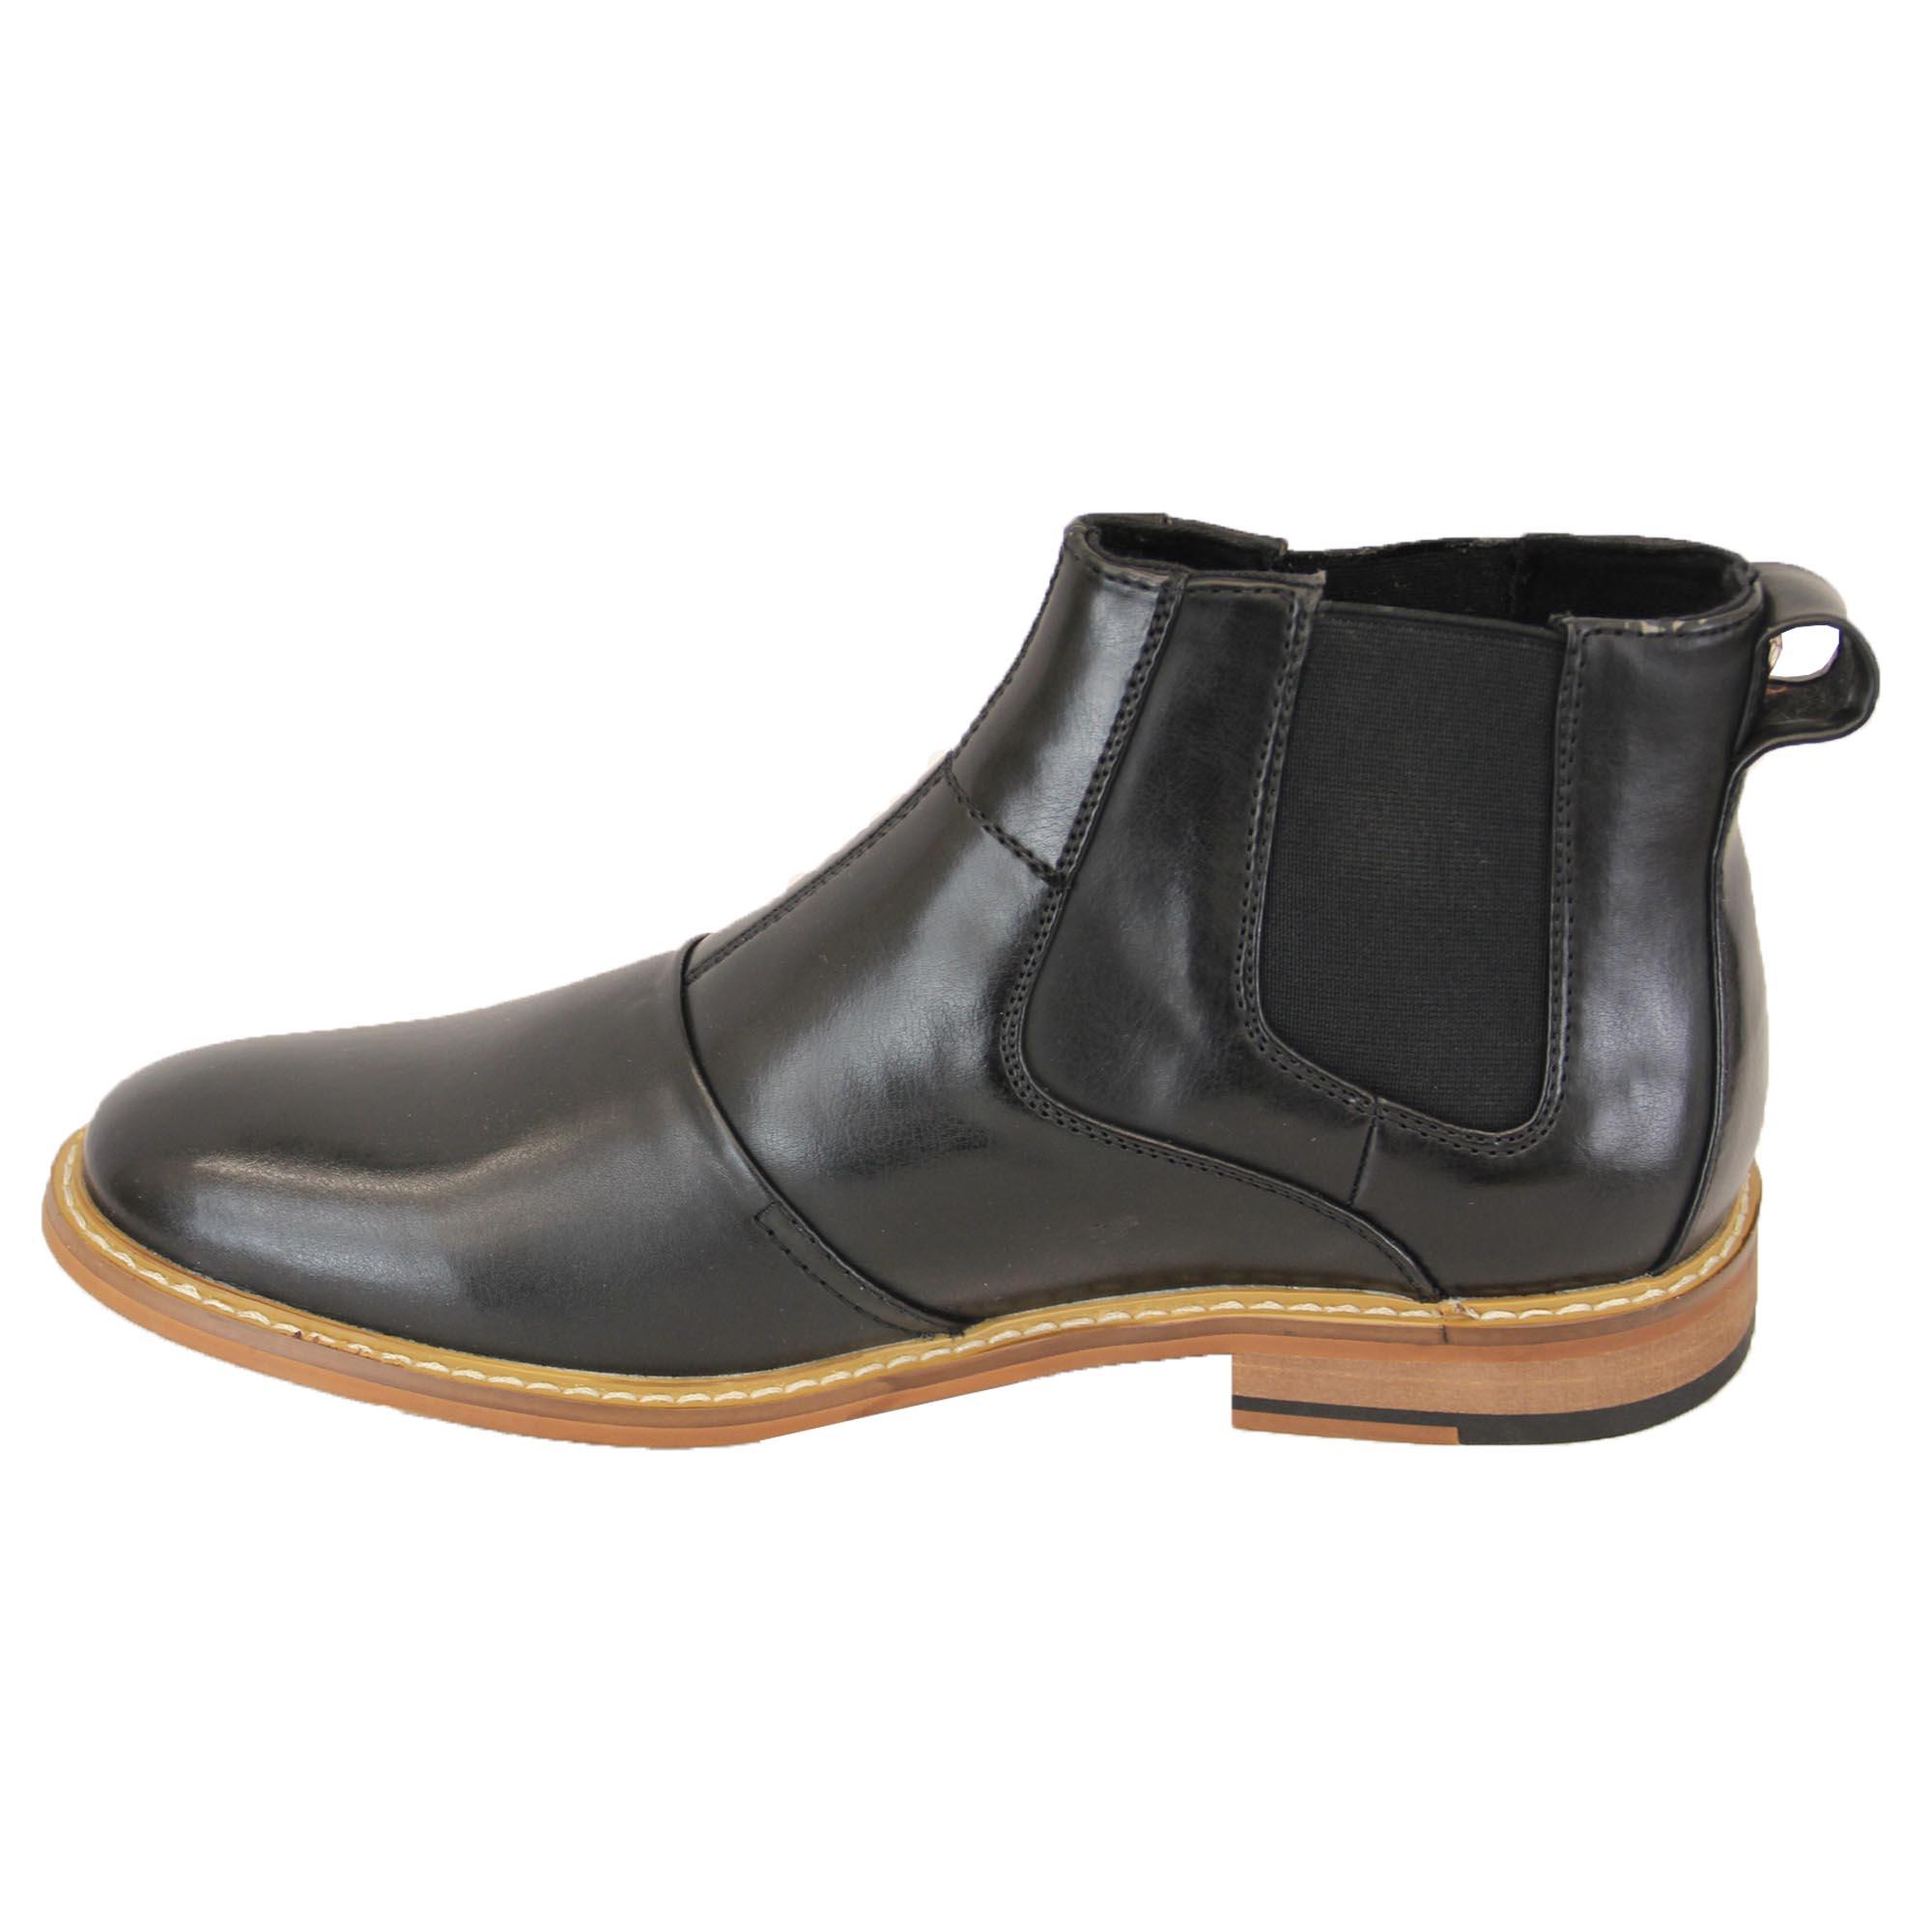 mens boots voeut brogue chelsea dealer shoes high ankle